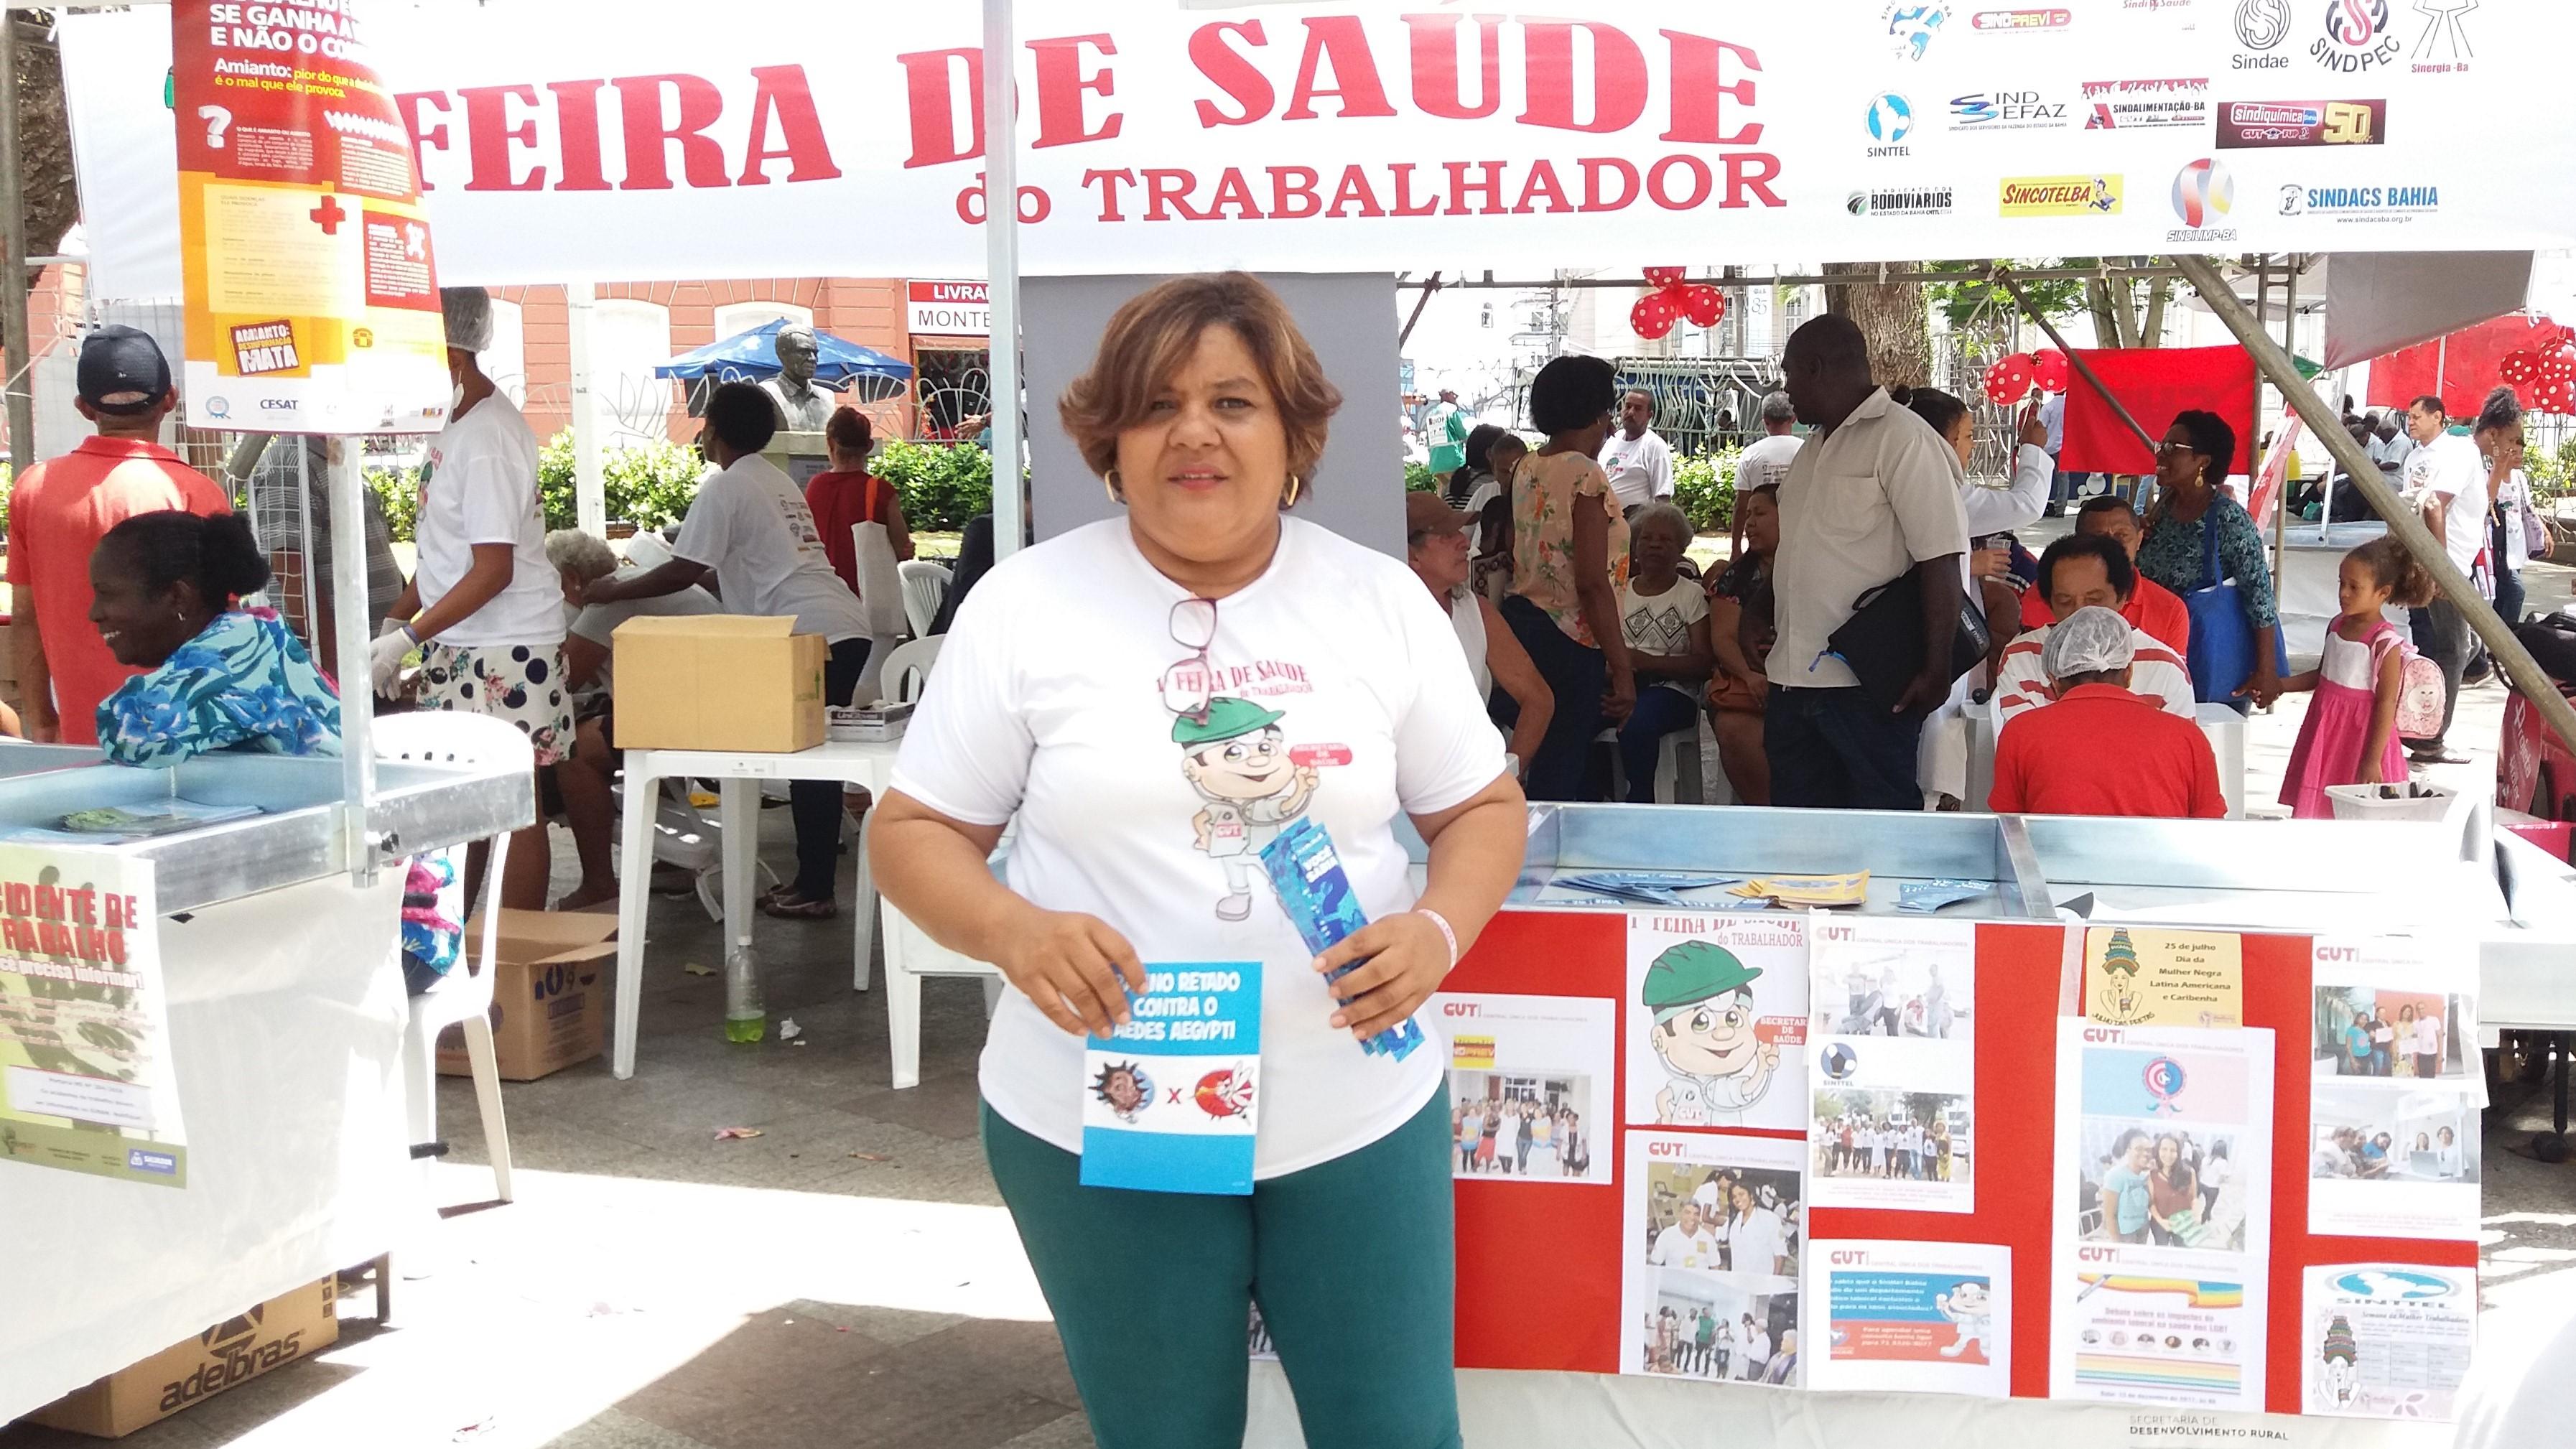 Dirigente do Sinttel Bahia promove feira de saúde para o trabalhador